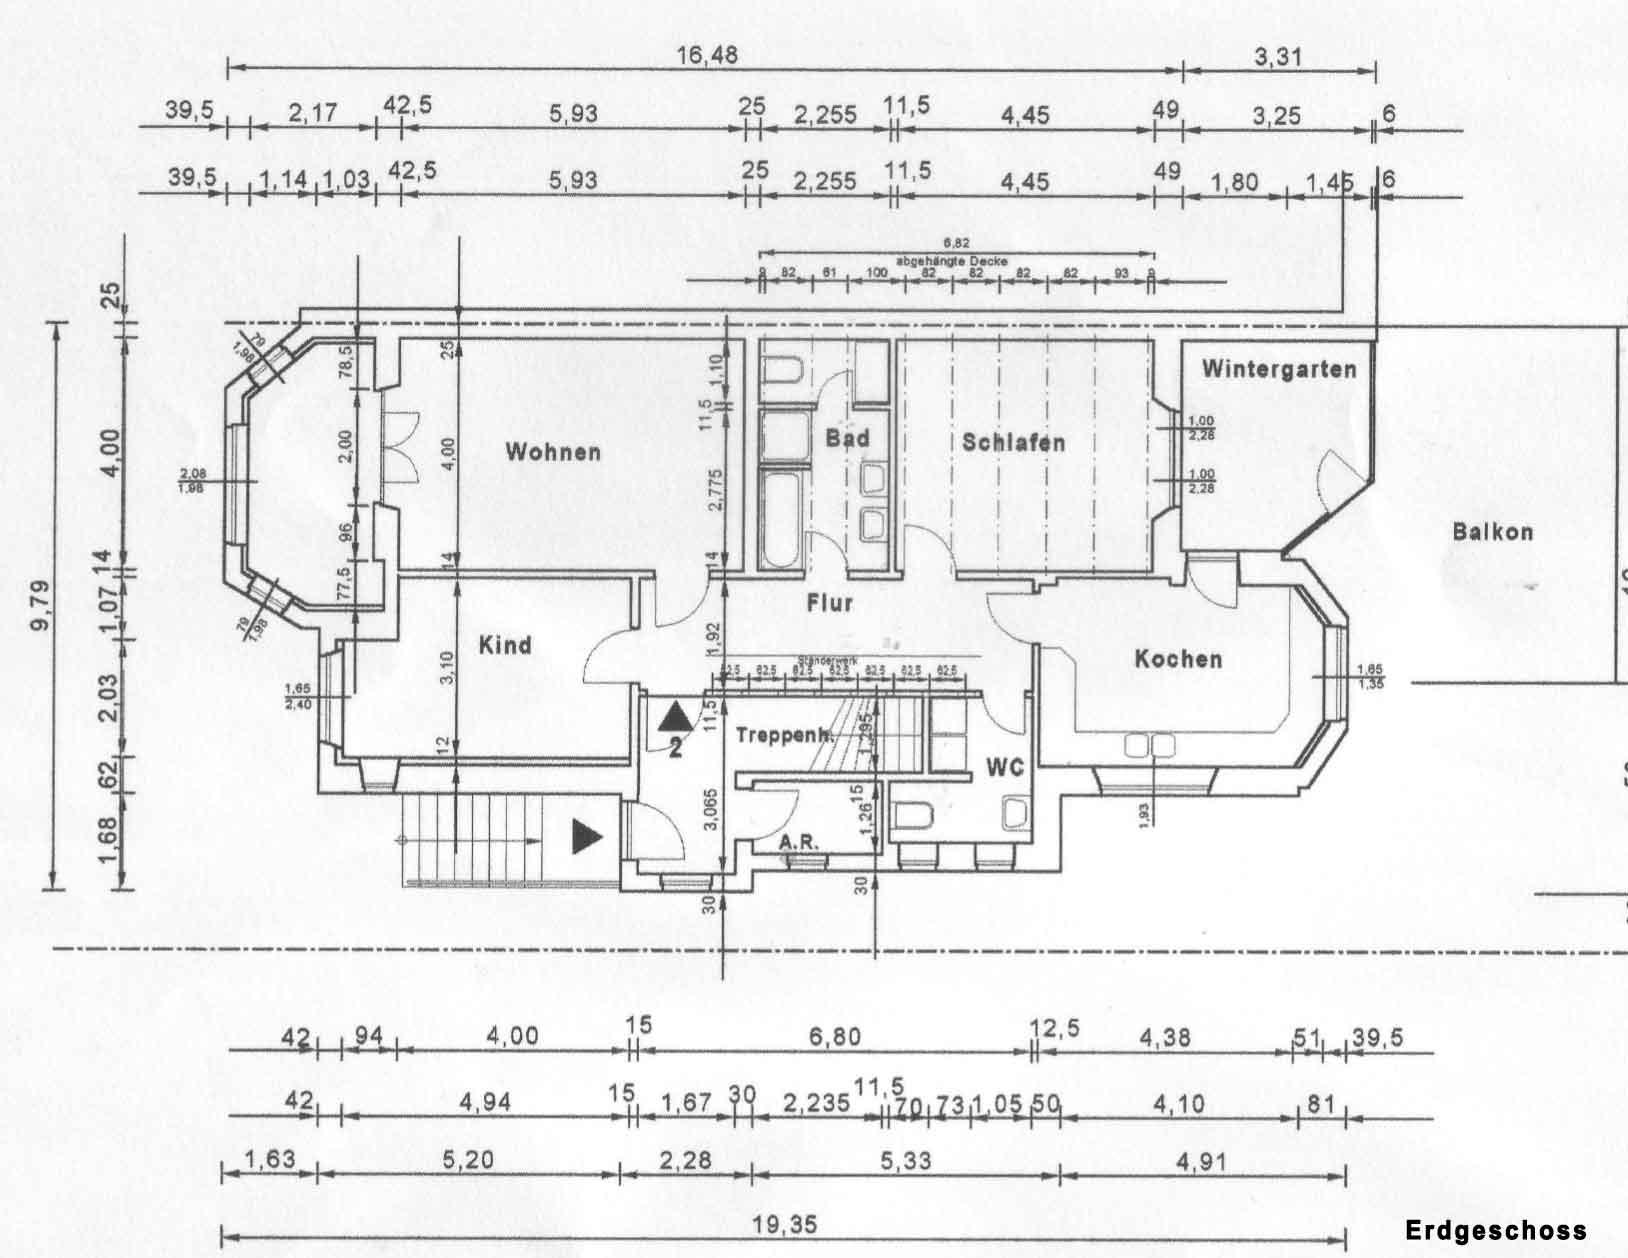 Osterdeich 91, Bremen, Abbildung Erdgeschoss